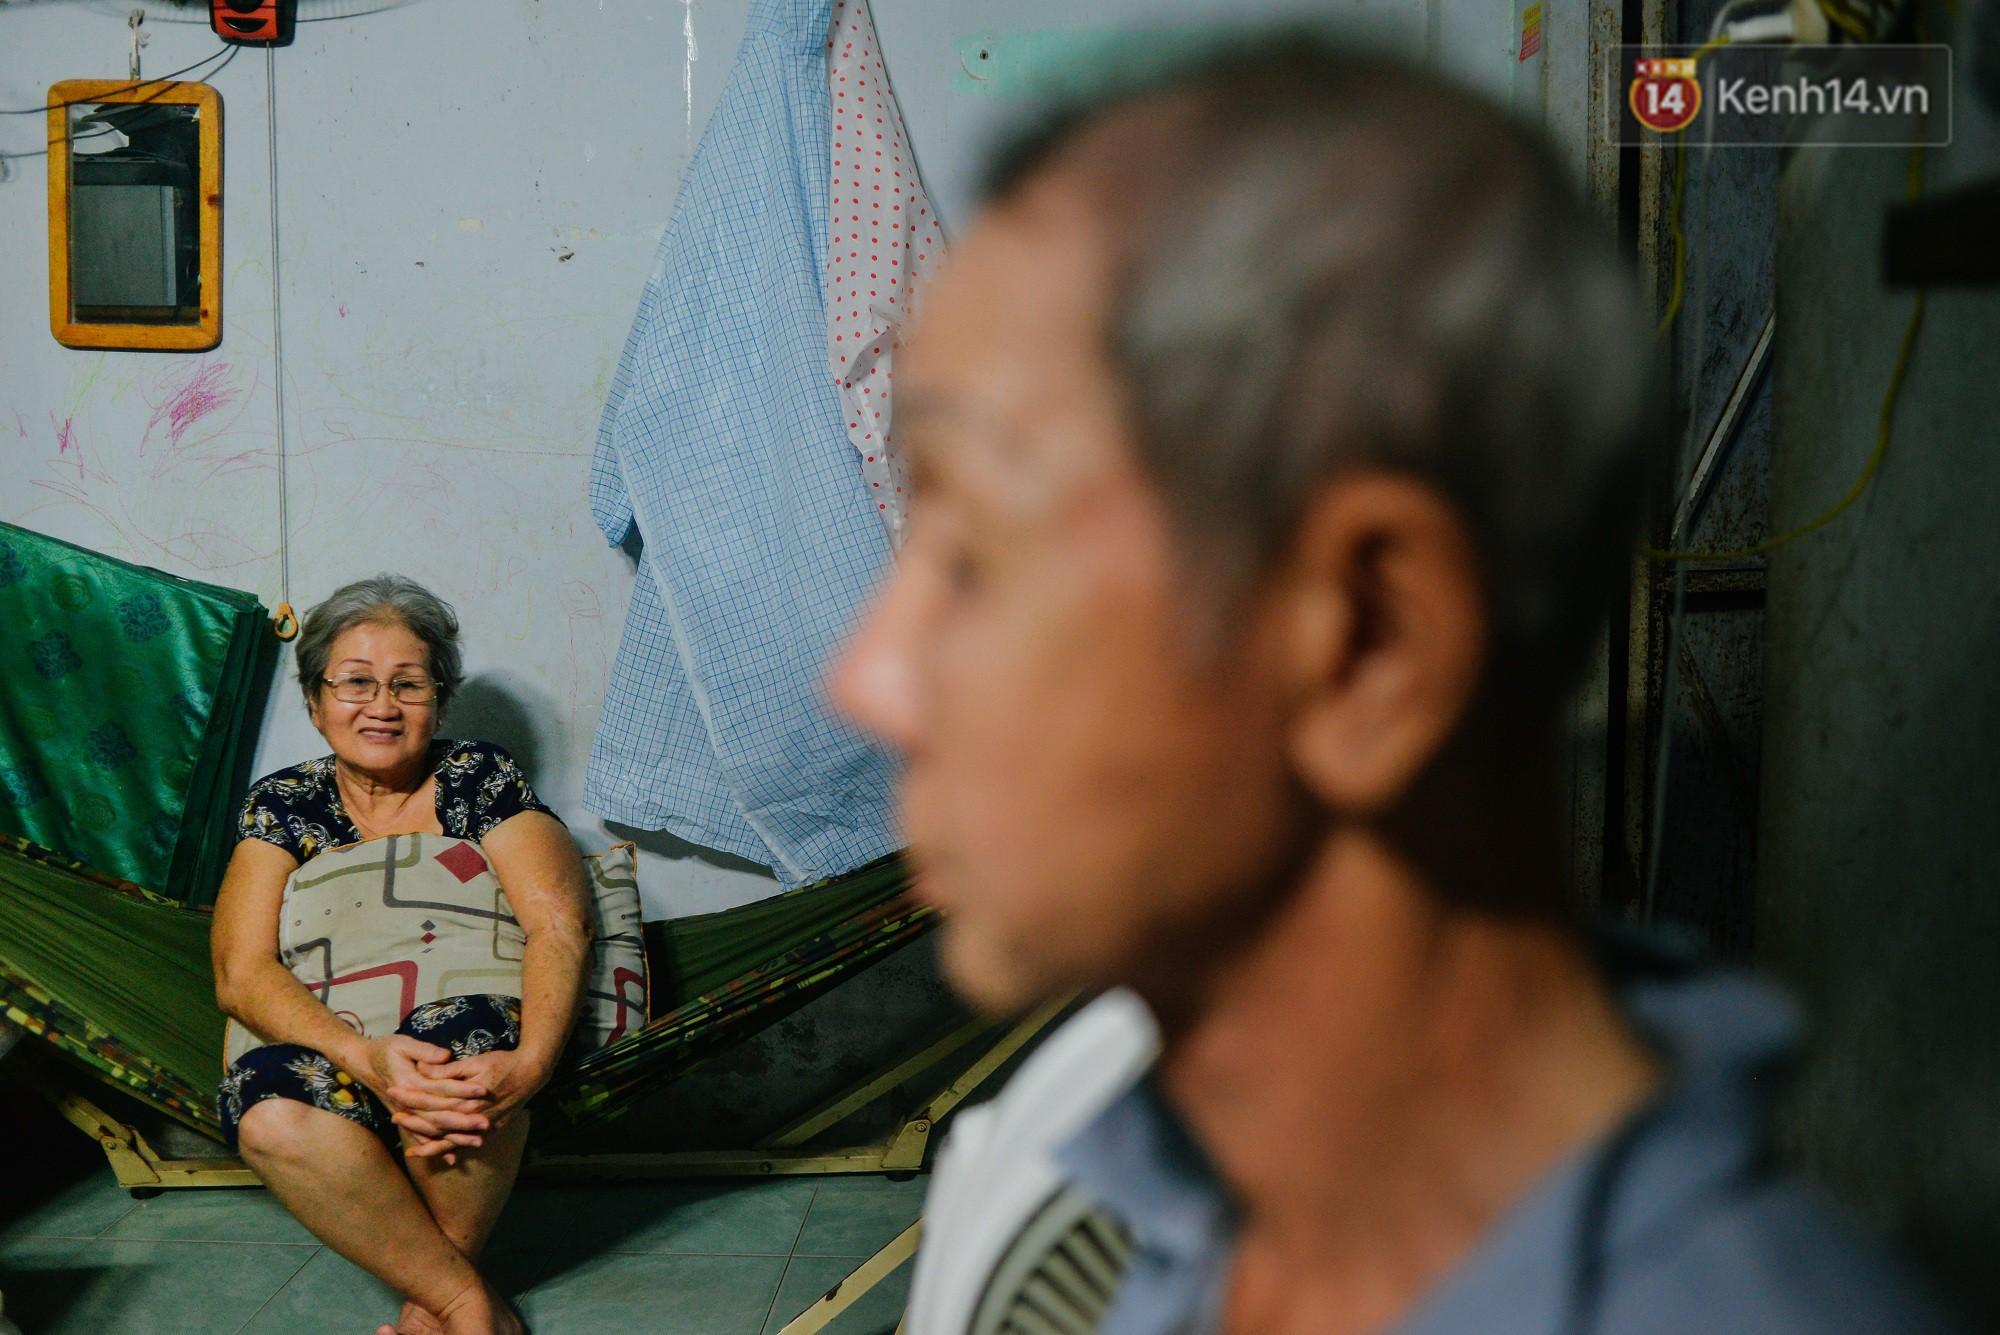 """Chuyện đời của """"cô đào"""" chuyển giới lớn tuổi nhất Việt Nam: Nửa đời hương phấn và sự đùm bọc của người bạn già tri kỷ - Ảnh 5."""